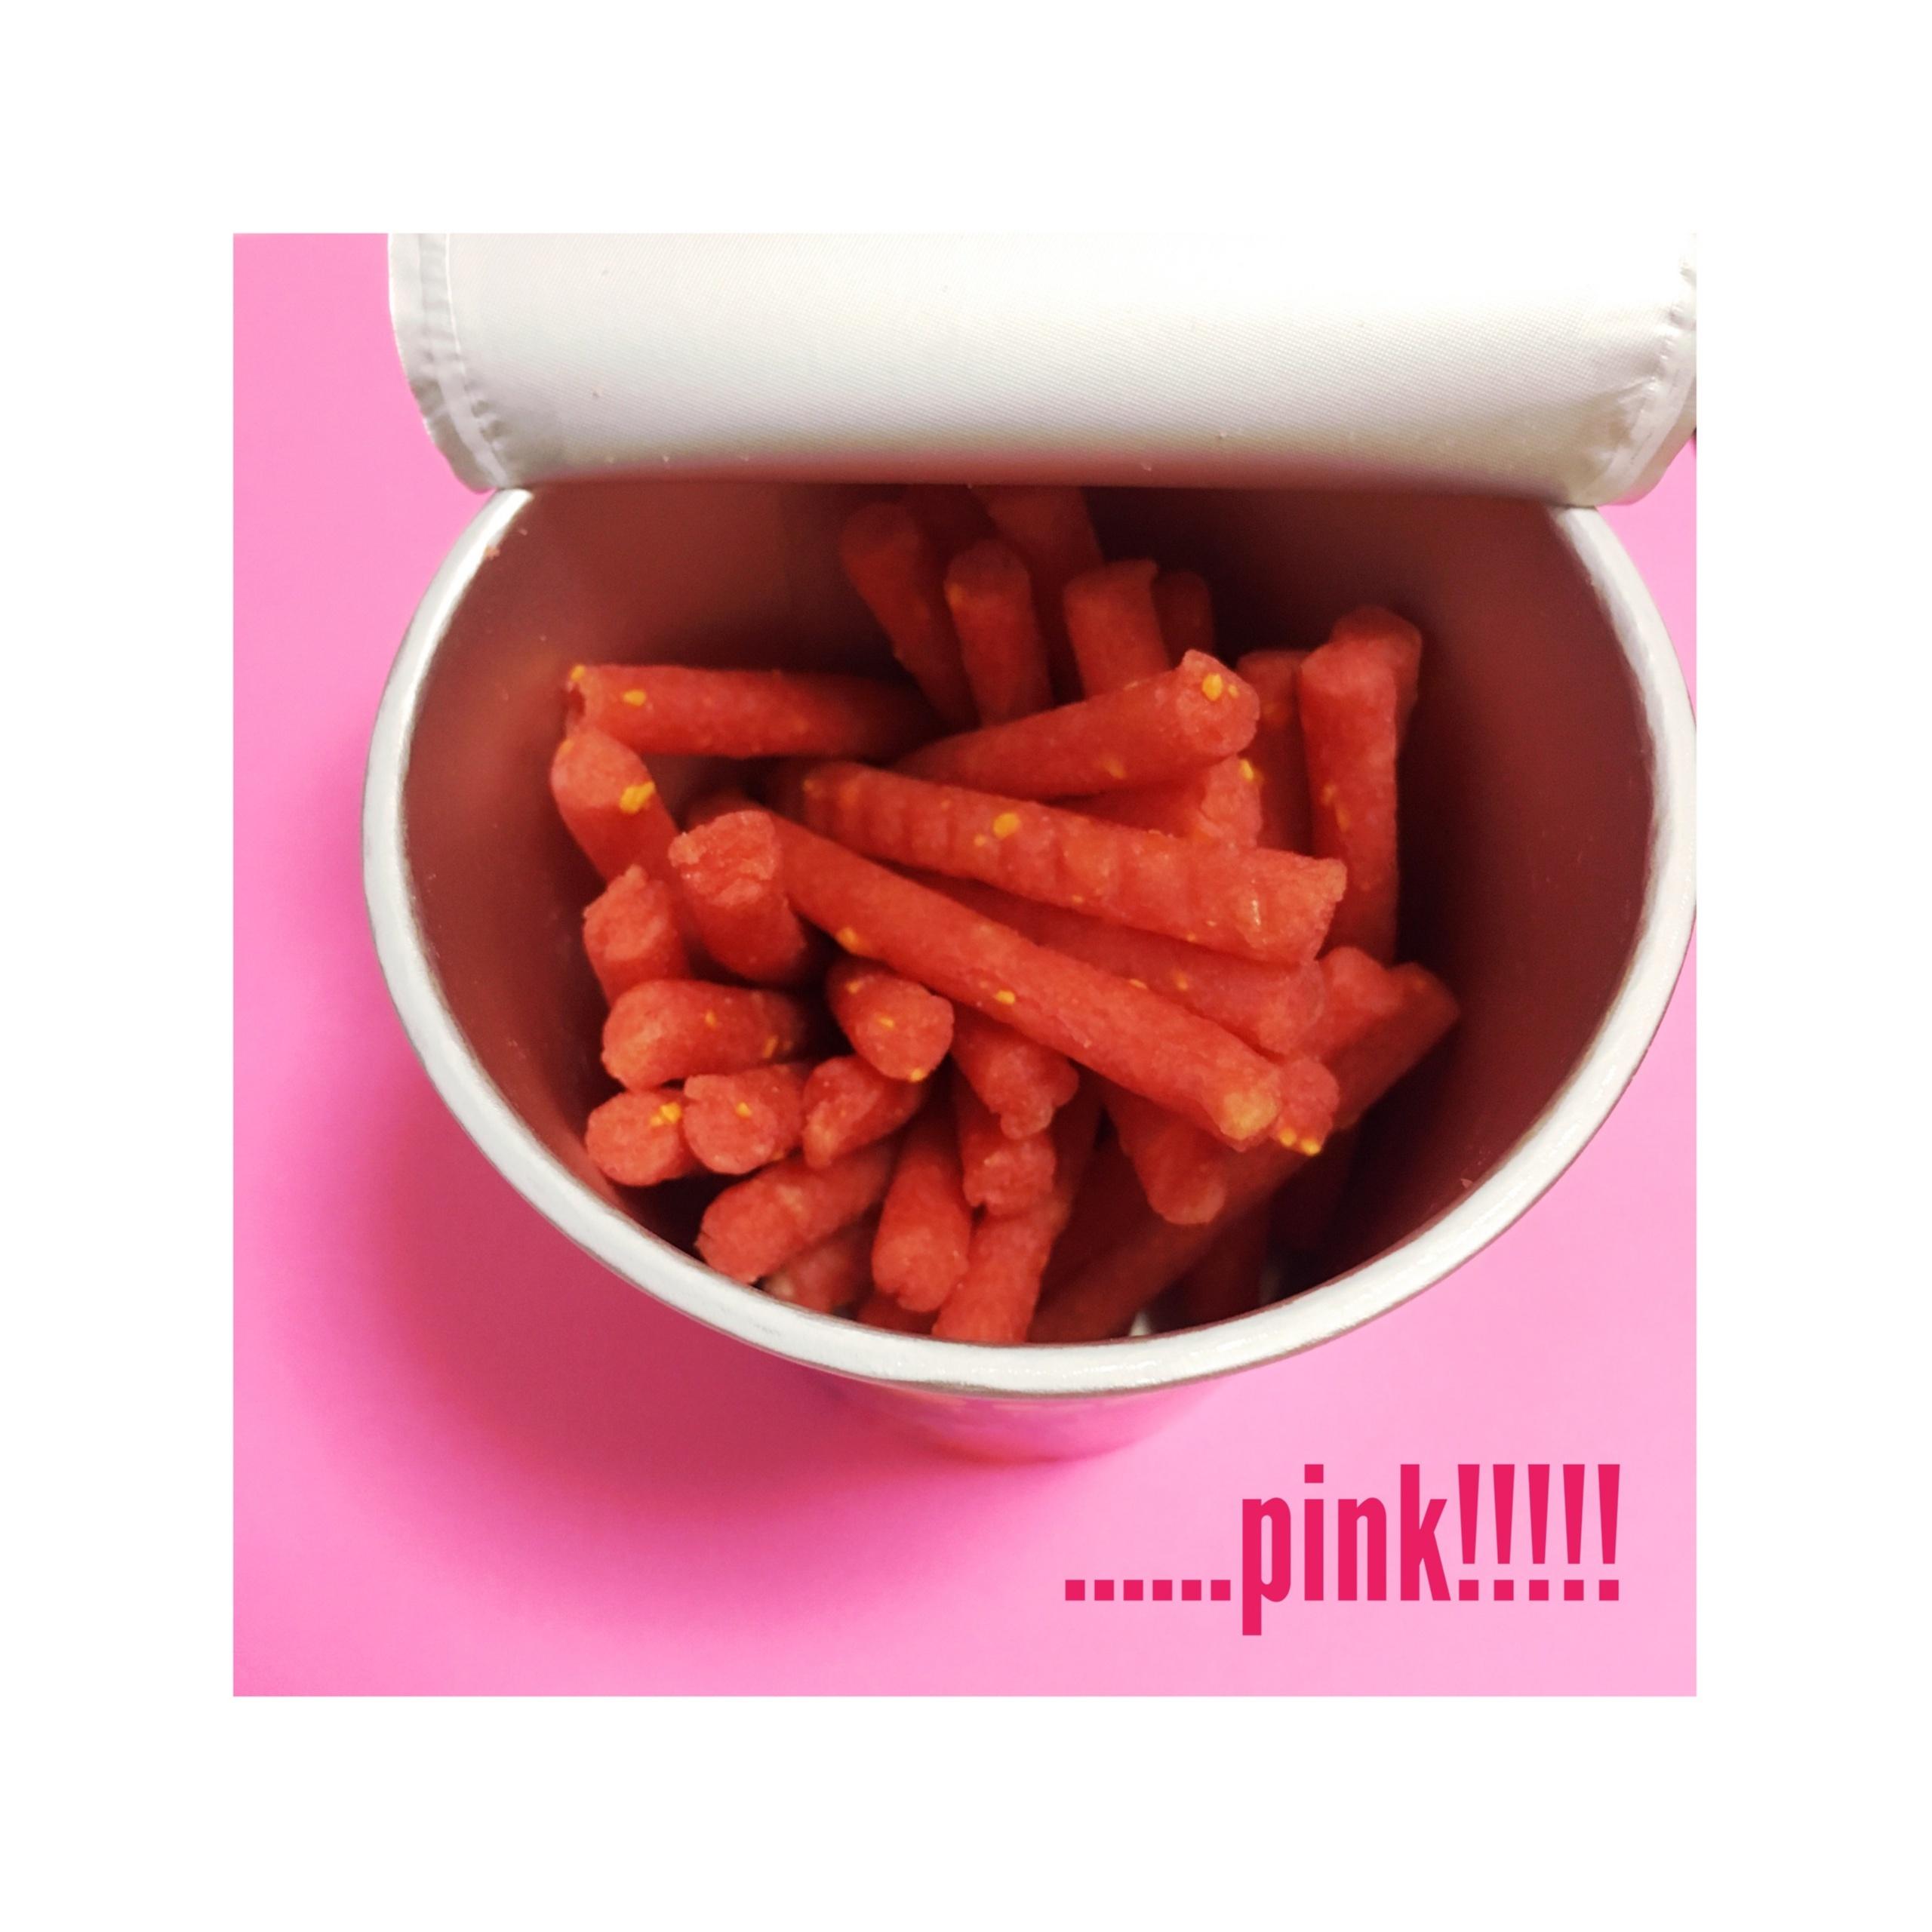 《いったいどんな味?!》【セブンイレブン限定】ピンク色のじゃがりこ登場!!期間限定モンスターピザ味★_2